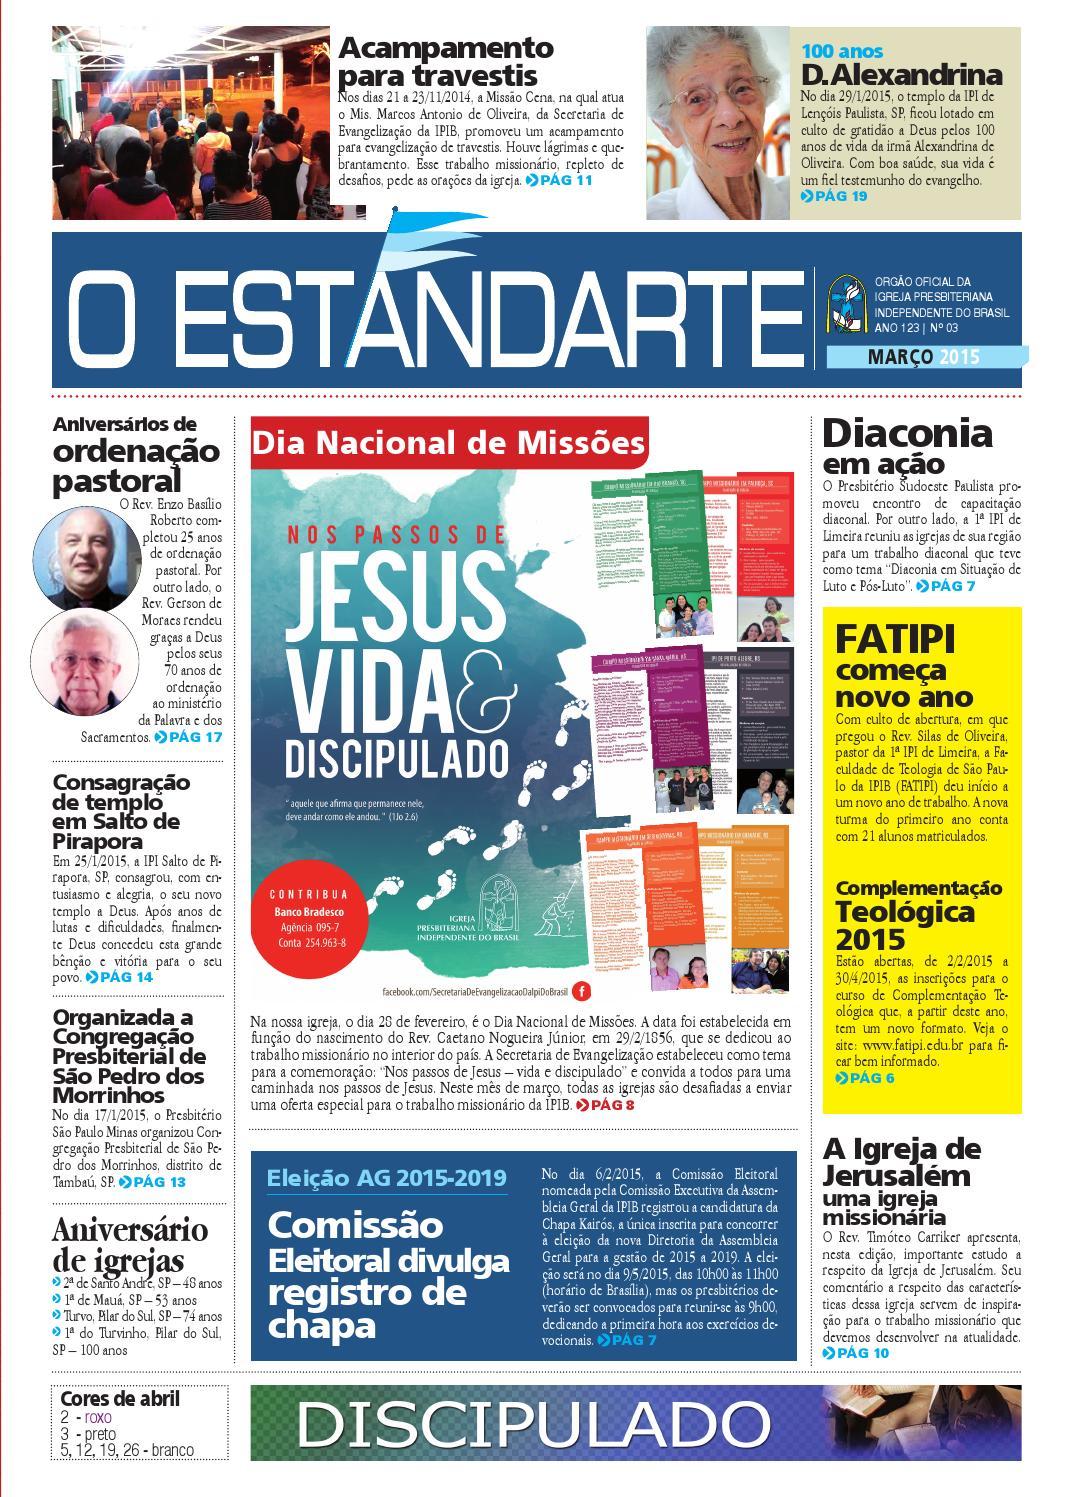 Estandarte - Março 2015 by Editora Pendão Real - issuu 0caad02e341e7